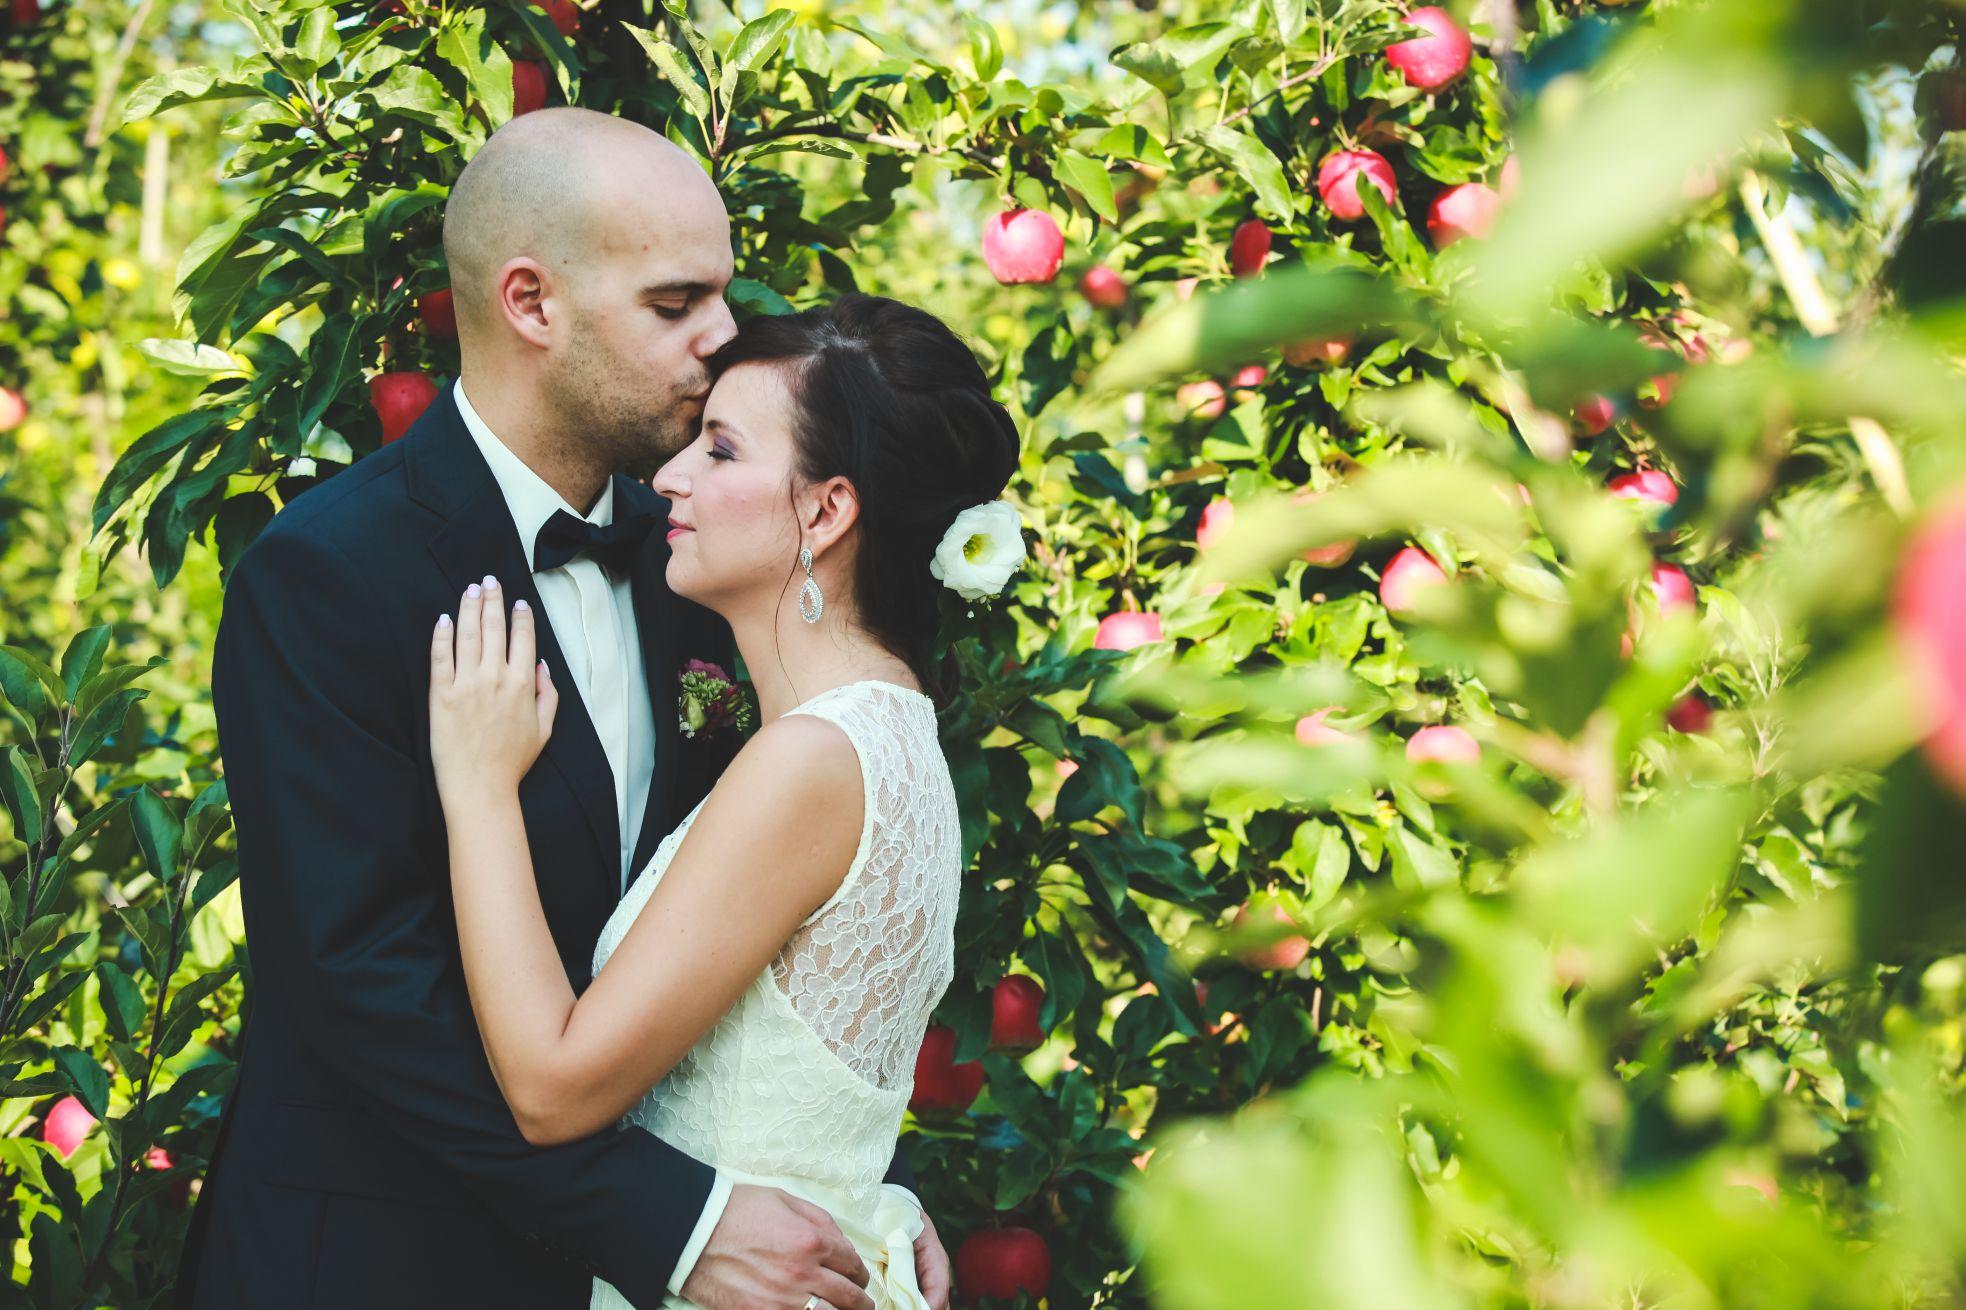 5 Fotografia ślubna śląsk plener poslubny w sadzie